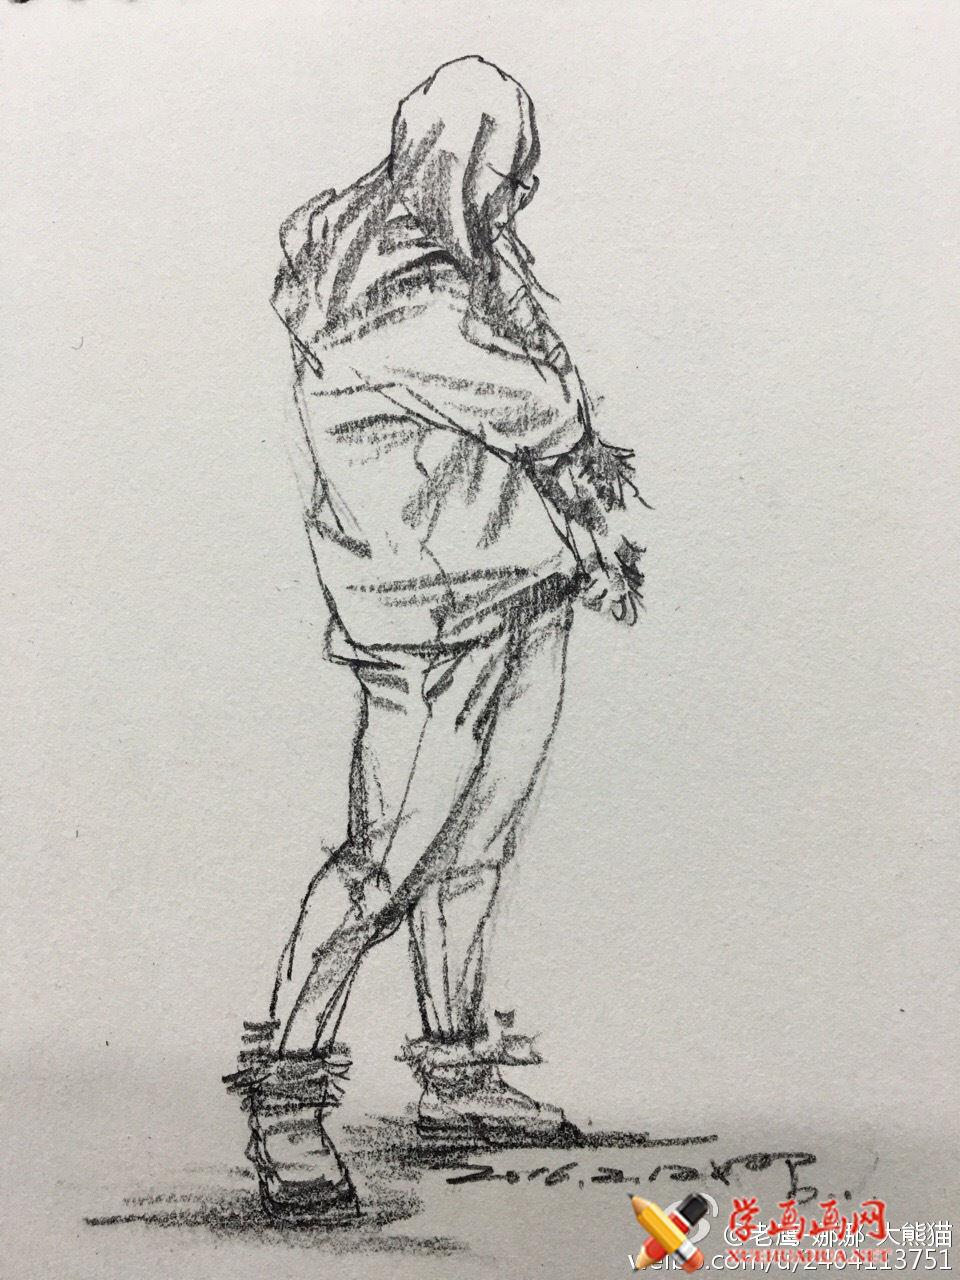 人物背部站姿速写范画图片(1)